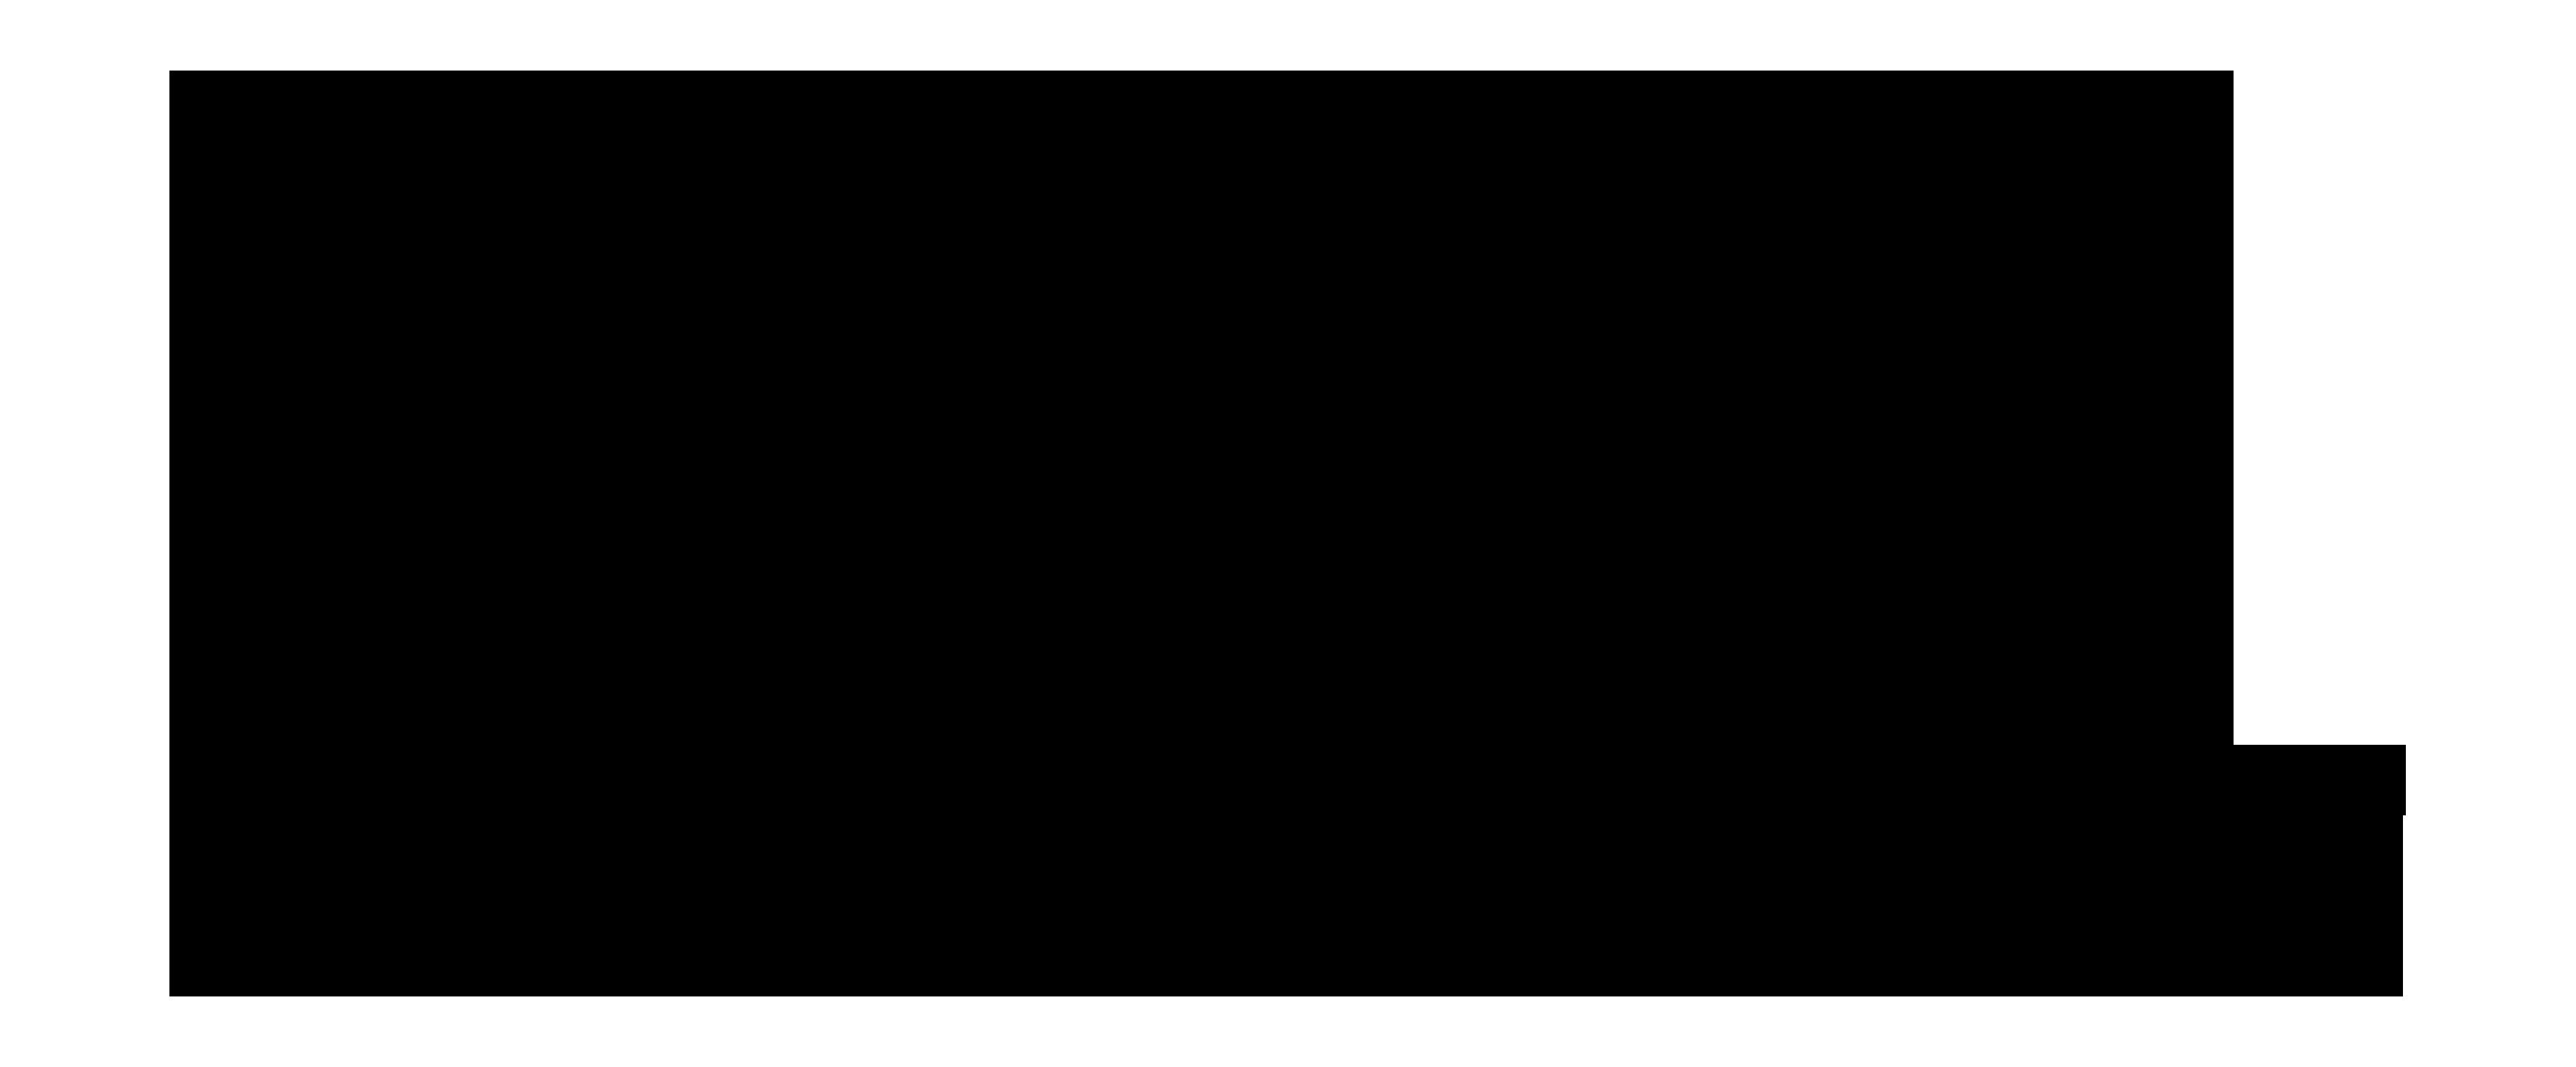 公式)さぬきオリーブ酵母〜Sanuki Olive Yeast